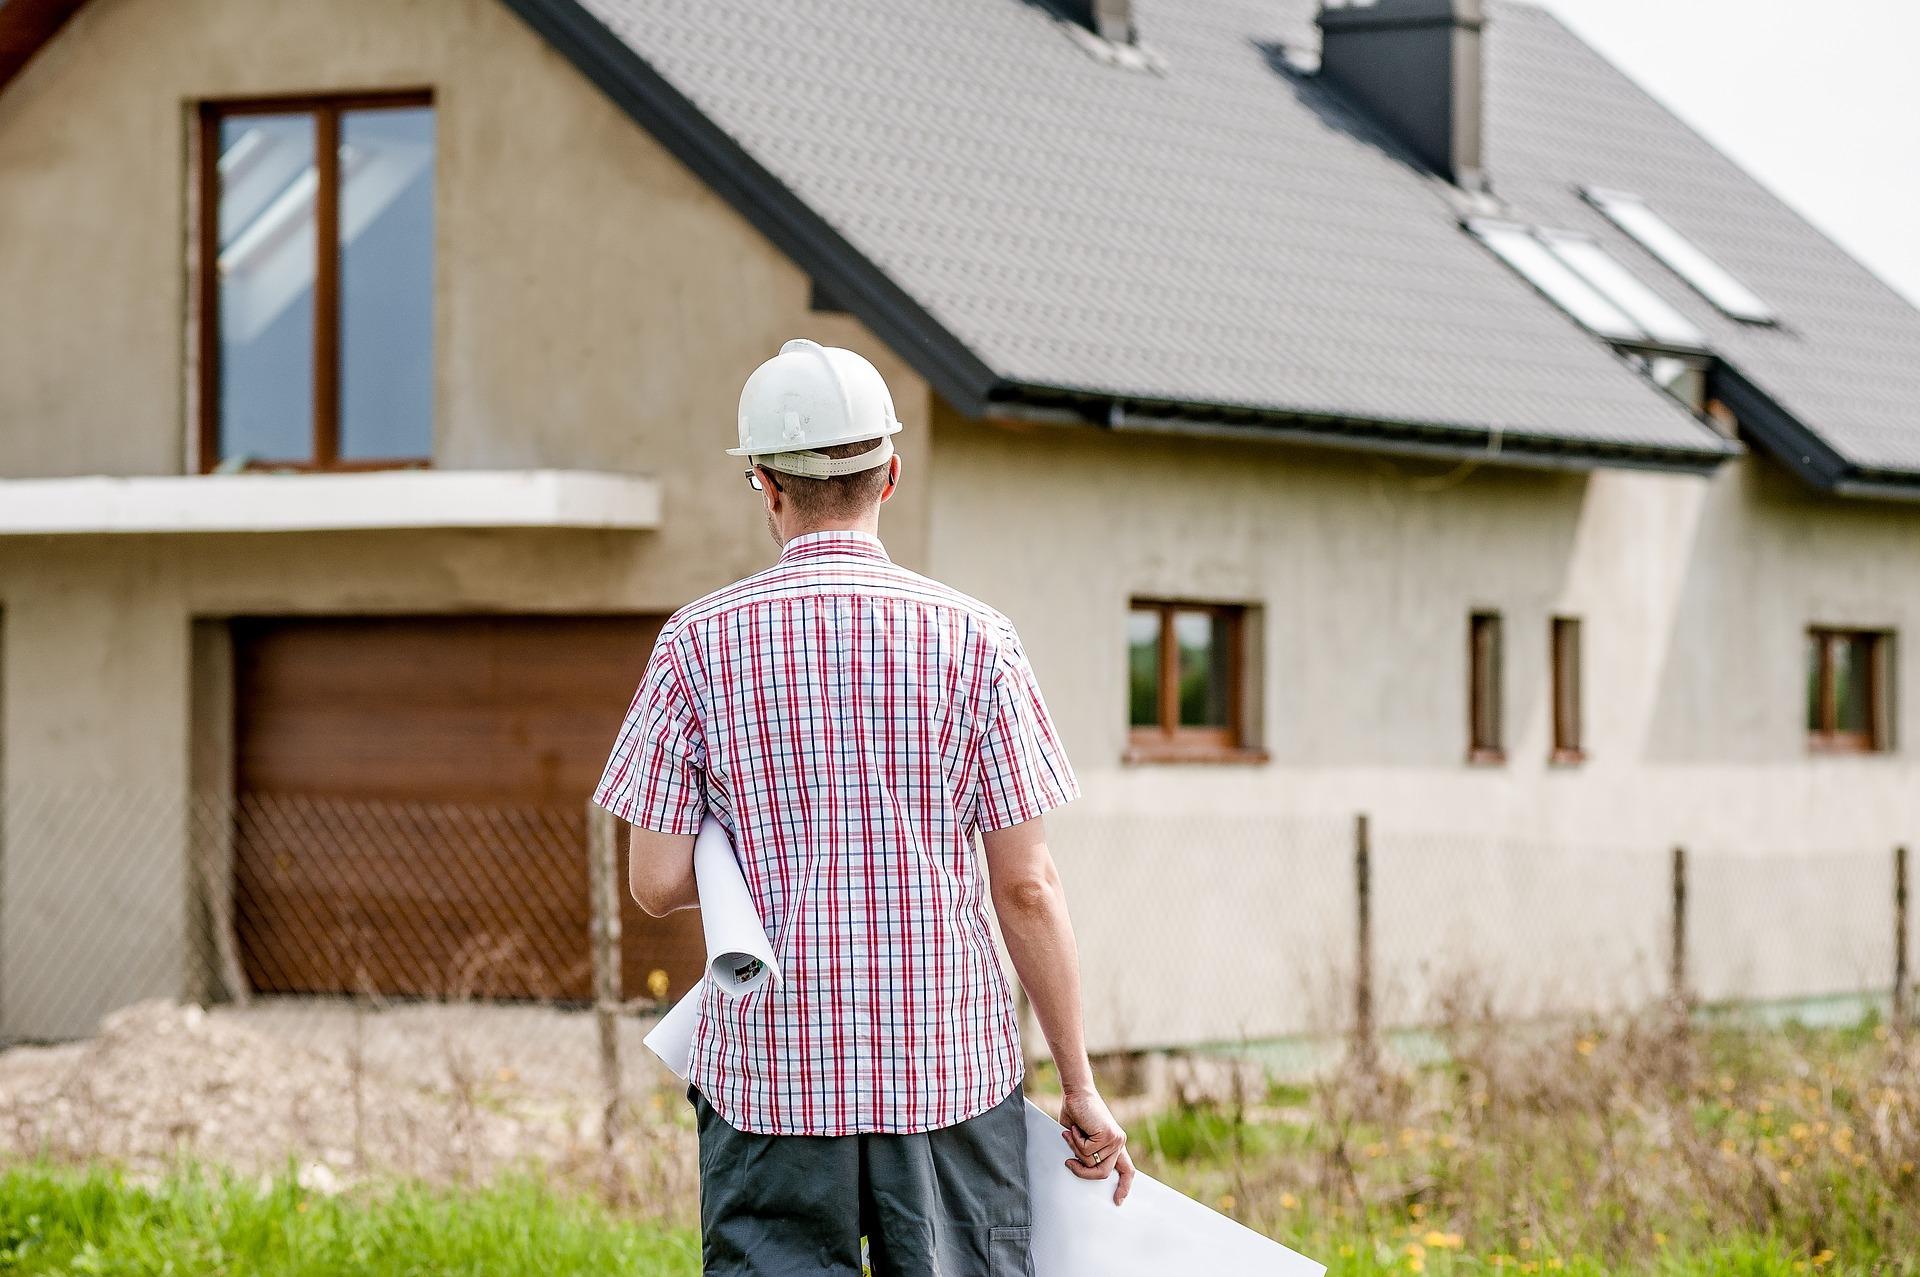 הכירו את איש המקצוע: אחריות קבלן השיפוצים במהלך שיפוץ הבית